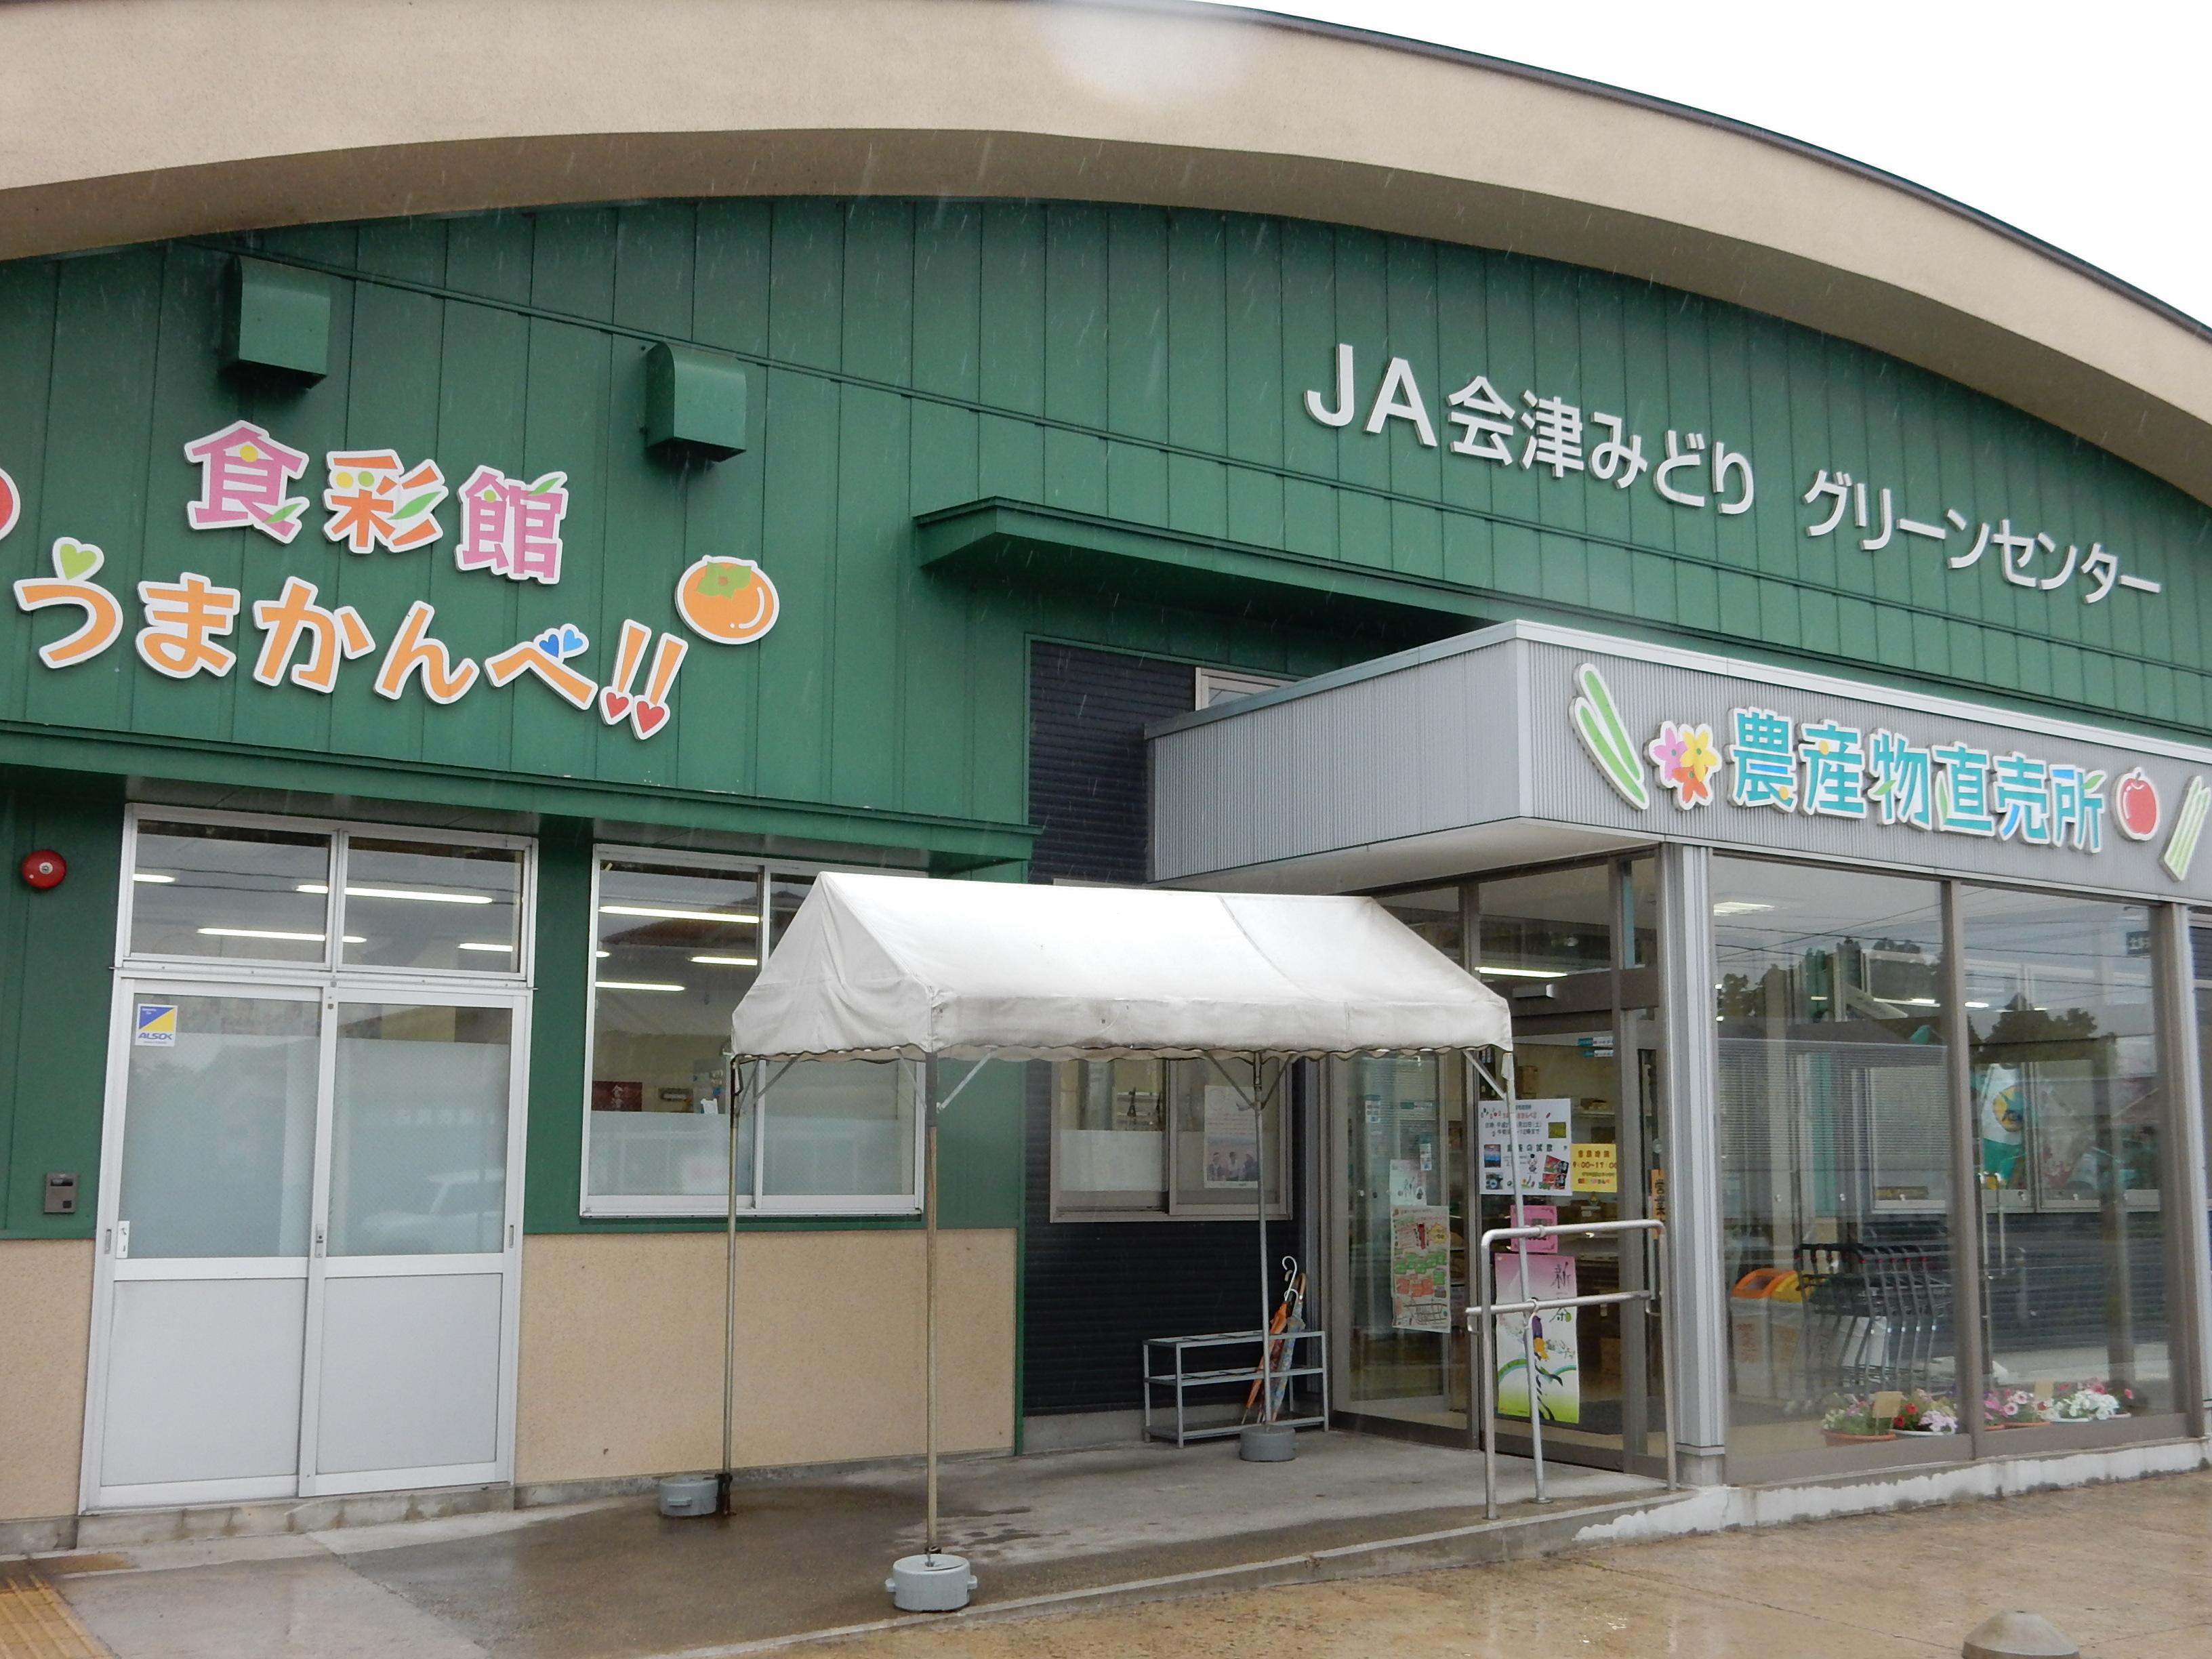 JA会津よつば 食彩館 うまかんべの写真